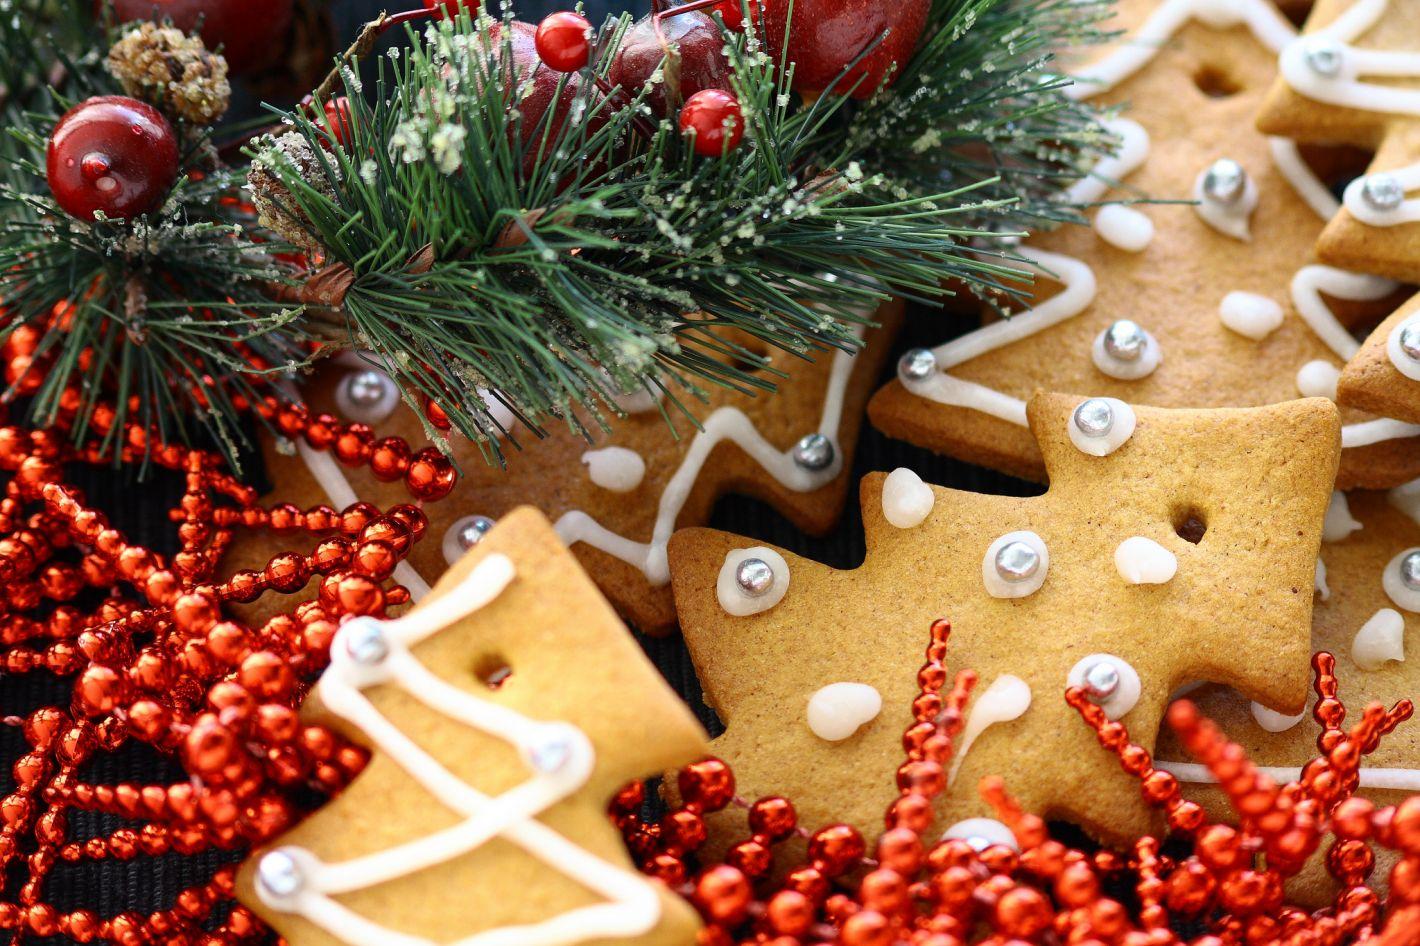 'Notte di Natale', di Valeria Serofilli